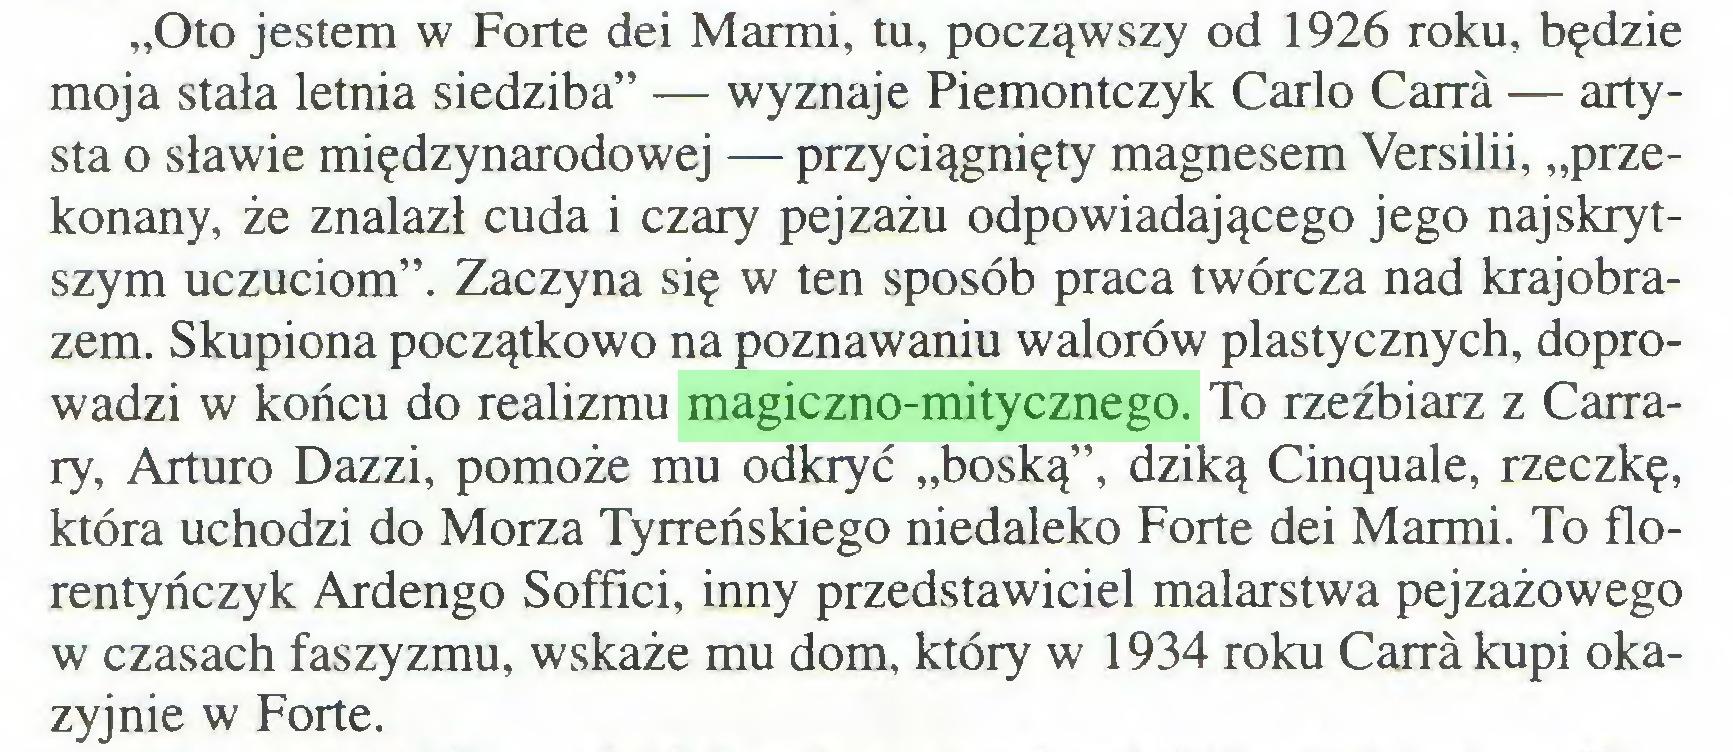 """(...) """"Oto jestem w Forte dei Marmi, tu, począwszy od 1926 roku, będzie moja stała letnia siedziba"""" — wyznaje Piemontczyk Carlo Carra — artysta o sławie międzynarodowej — przyciągnięty magnesem Versilii, """"przekonany, że znalazł cuda i czary pejzażu odpowiadającego jego najskrytszym uczuciom"""". Zaczyna się w ten sposób praca twórcza nad krajobrazem. Skupiona początkowo na poznawaniu walorów plastycznych, doprowadzi w końcu do realizmu magiczno-mitycznego. To rzeźbiarz z Carrary, Arturo Dazzi, pomoże mu odkryć """"boską"""", dziką Cinquale, rzeczkę, która uchodzi do Morza Tyrreńskiego niedaleko Forte dei Marmi. To florentyńczyk Ardengo Soffici, inny przedstawiciel malarstwa pejzażowego w czasach faszyzmu, wskaże mu dom, który w 1934 roku Carra kupi okazyjnie w Forte..."""